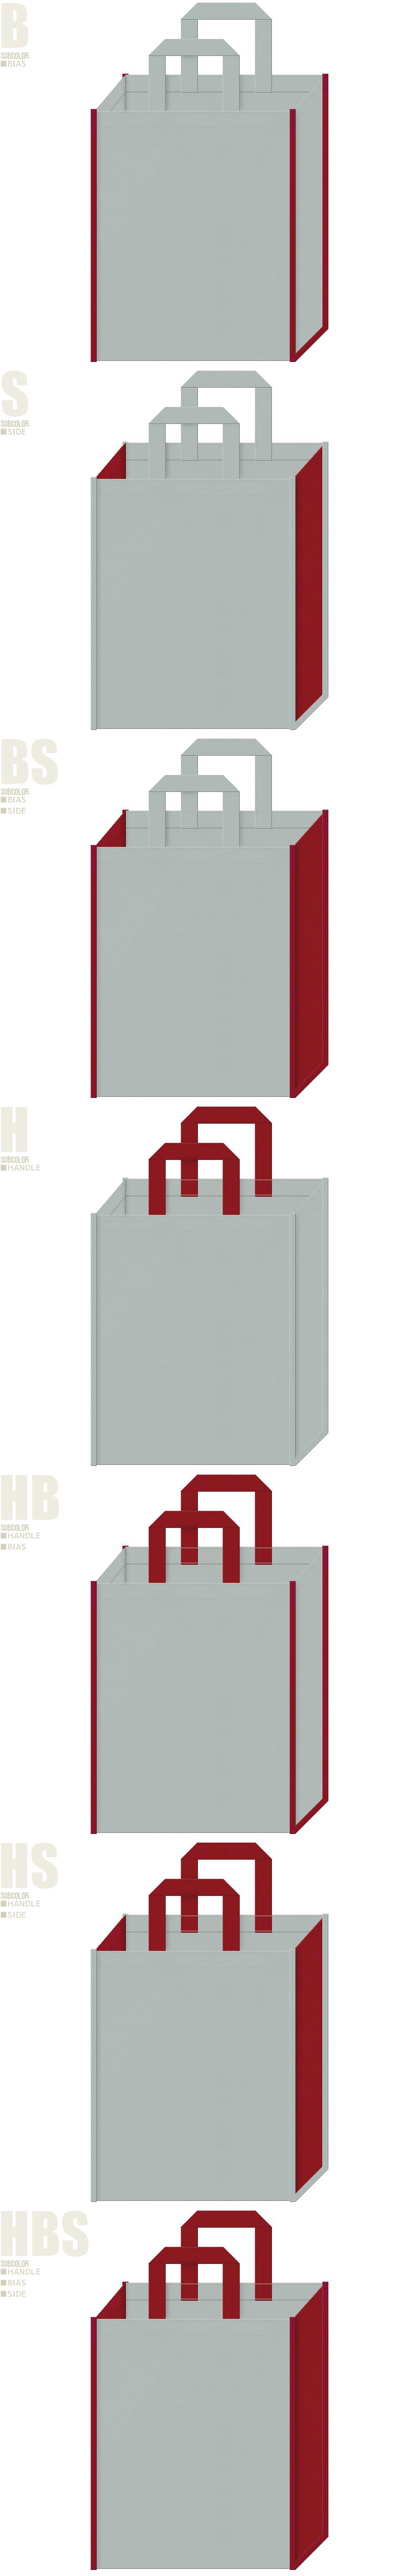 ラジコン・プラモデル・軍艦・ホビーの展示会用バッグにお奨めの不織布バッグデザイン:グレー色とエンジ色の配色7パターン